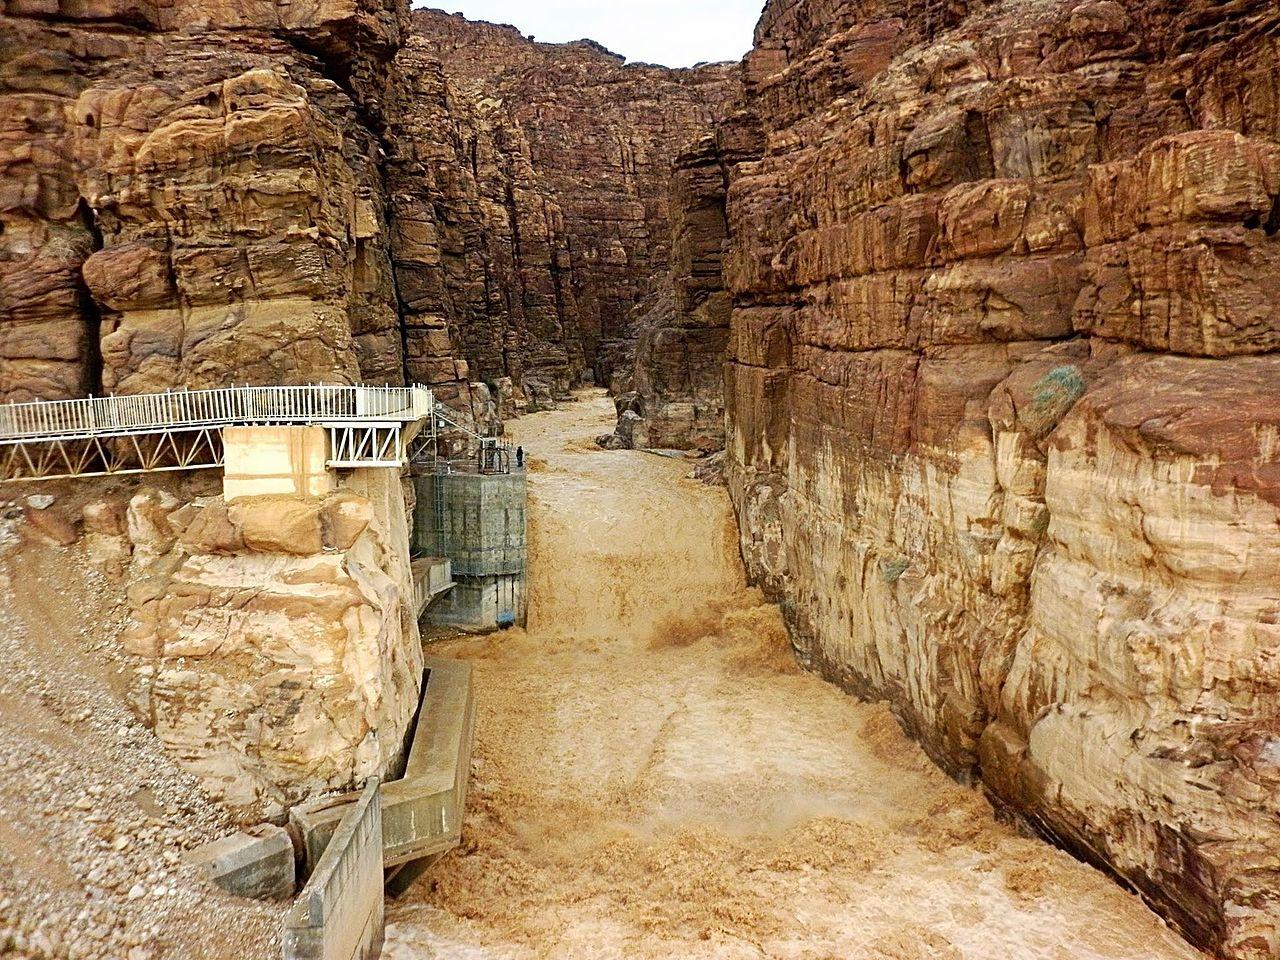 上图:亚嫩河谷底雨季的洪水。亚嫩河就是现代约旦的Wadi Mujib旱溪,河谷很深,从海拔900米一直到海平面以下400米的死海。1,300米的高度落差结合来自谷地7条支流的常年流水,使得这里有超过300种植物、10种肉食动物,以及许多永久性与季节性鸟类。